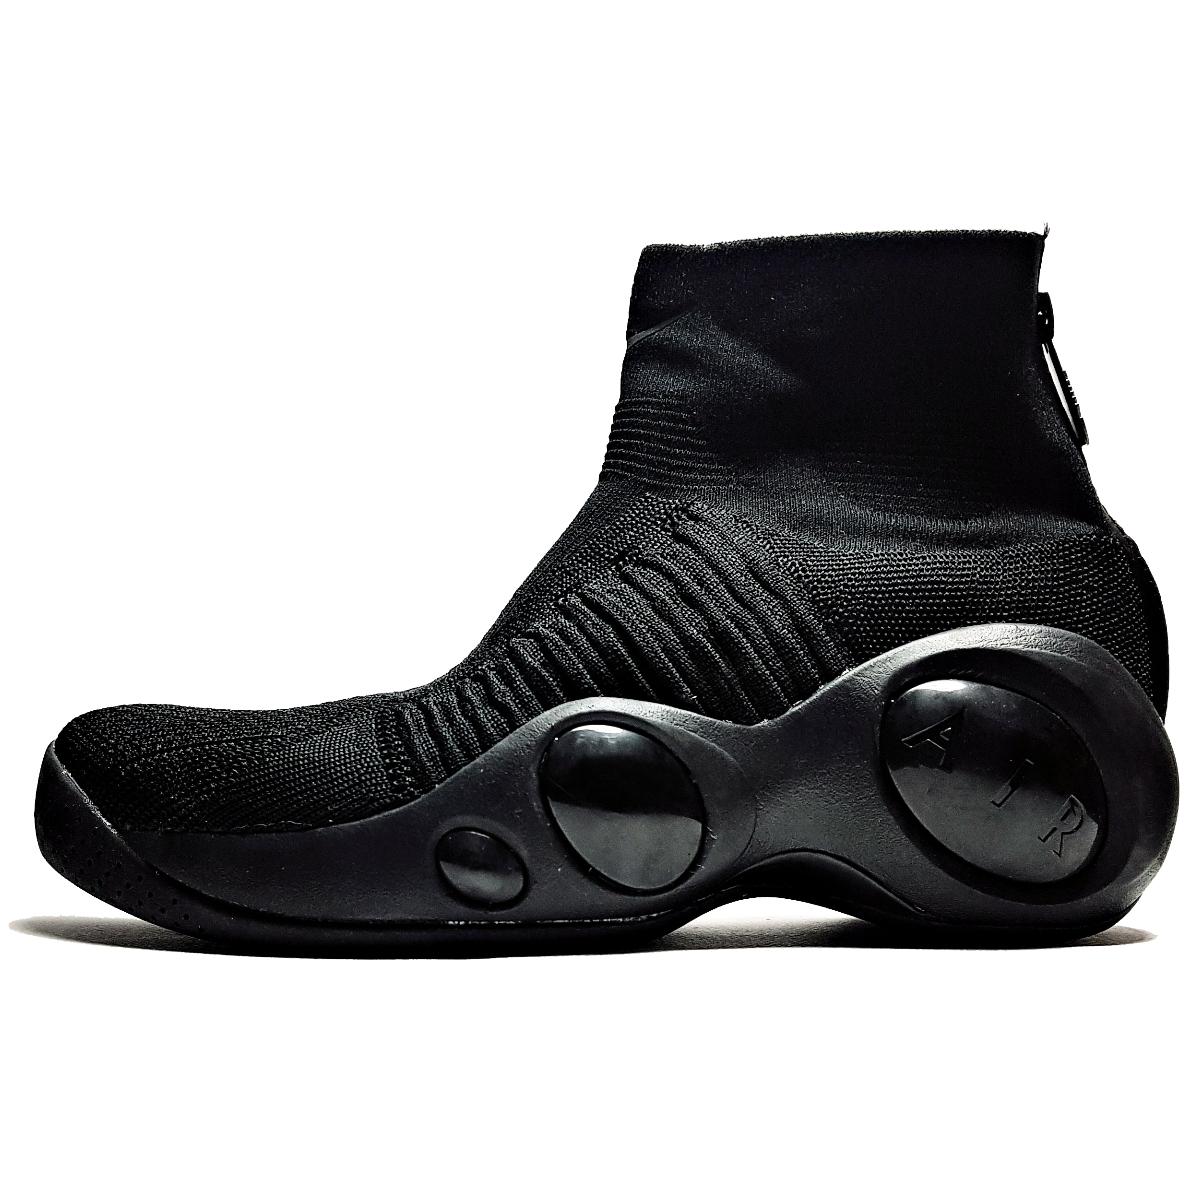 عکس کفش مخصوص پیاده روی مردانه نایکی مدل Nike Flight Bonafide Black